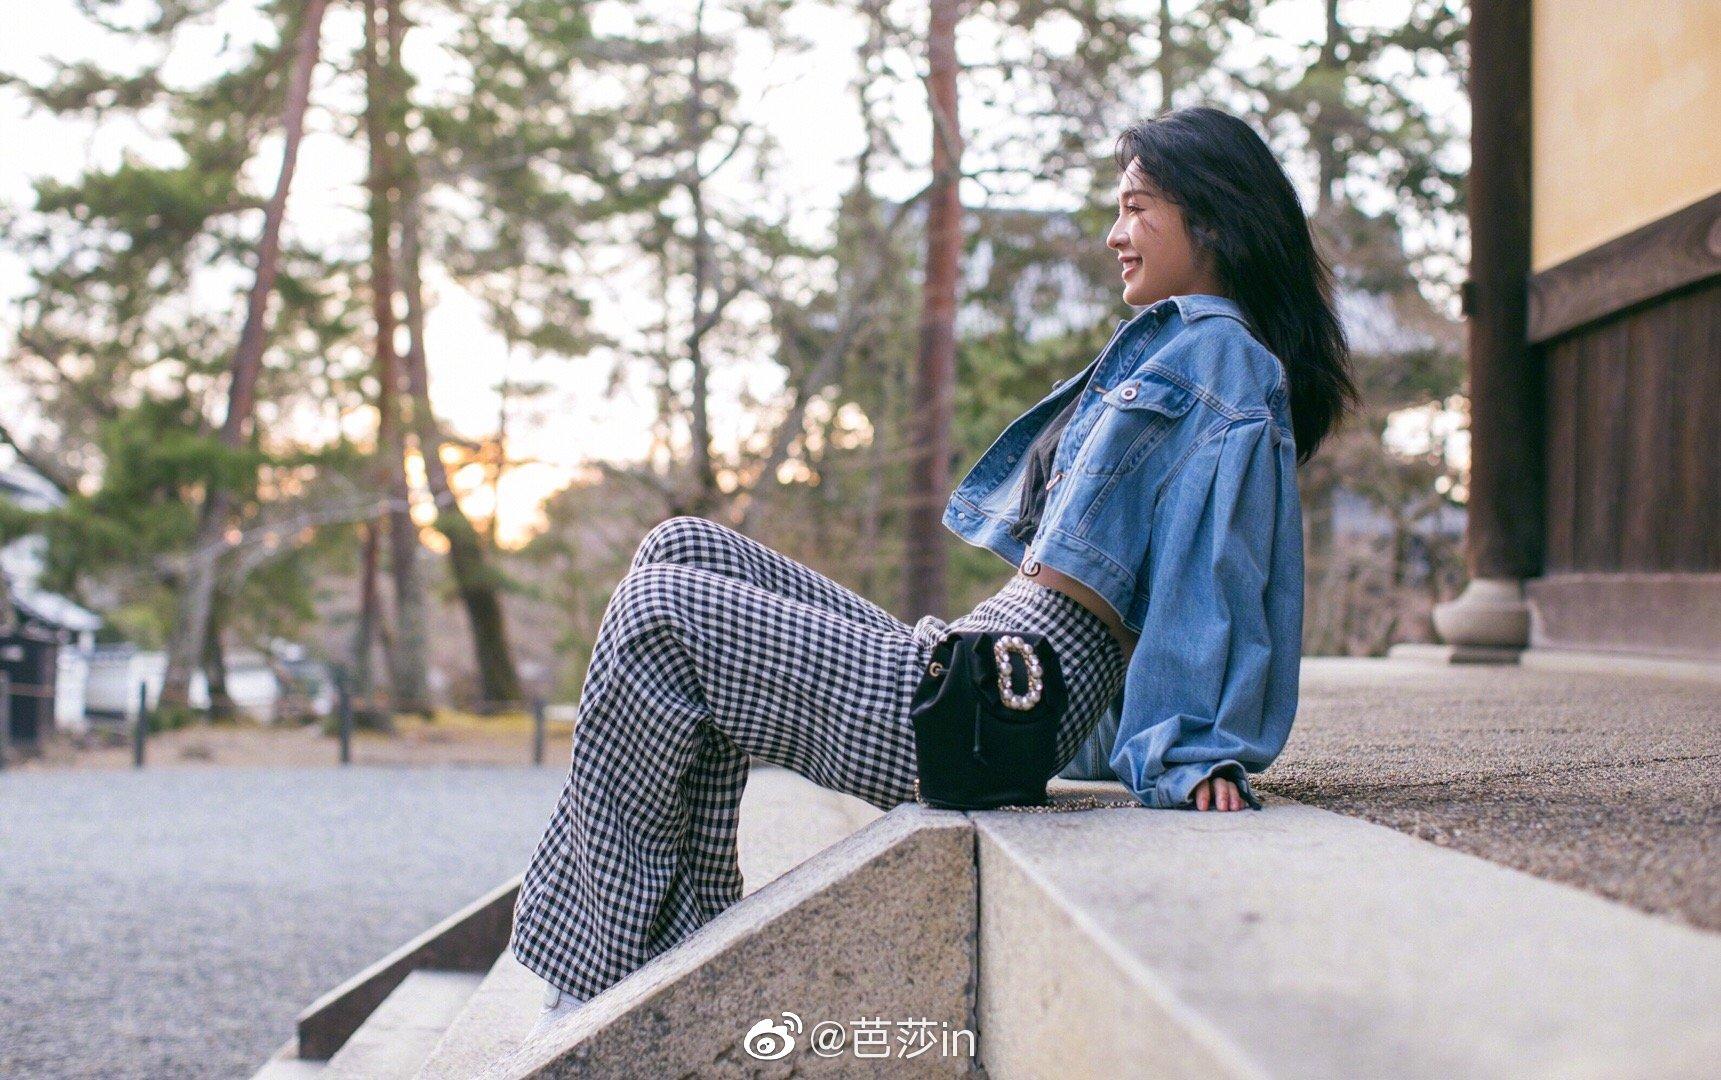 今日,@李沁 在微博po出一组私服照,短款外套